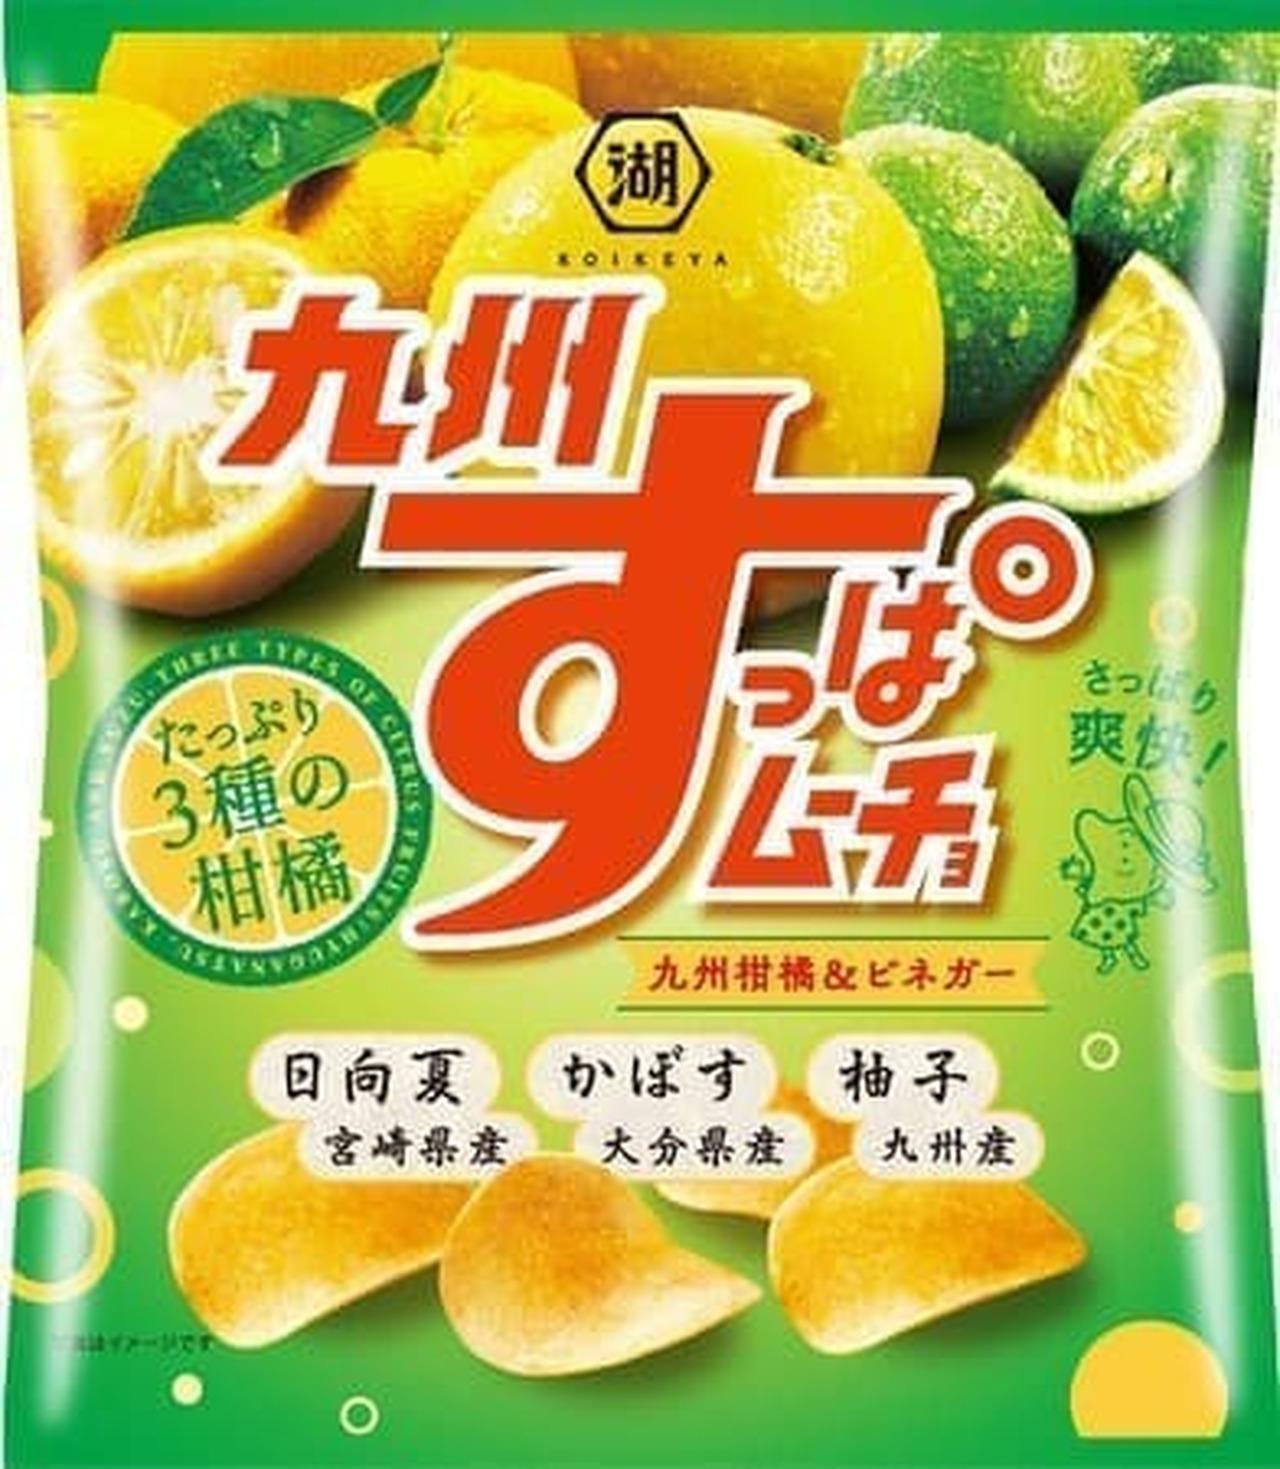 湖池屋「九州すっぱムーチョ 九州柑橘&ビネガー」